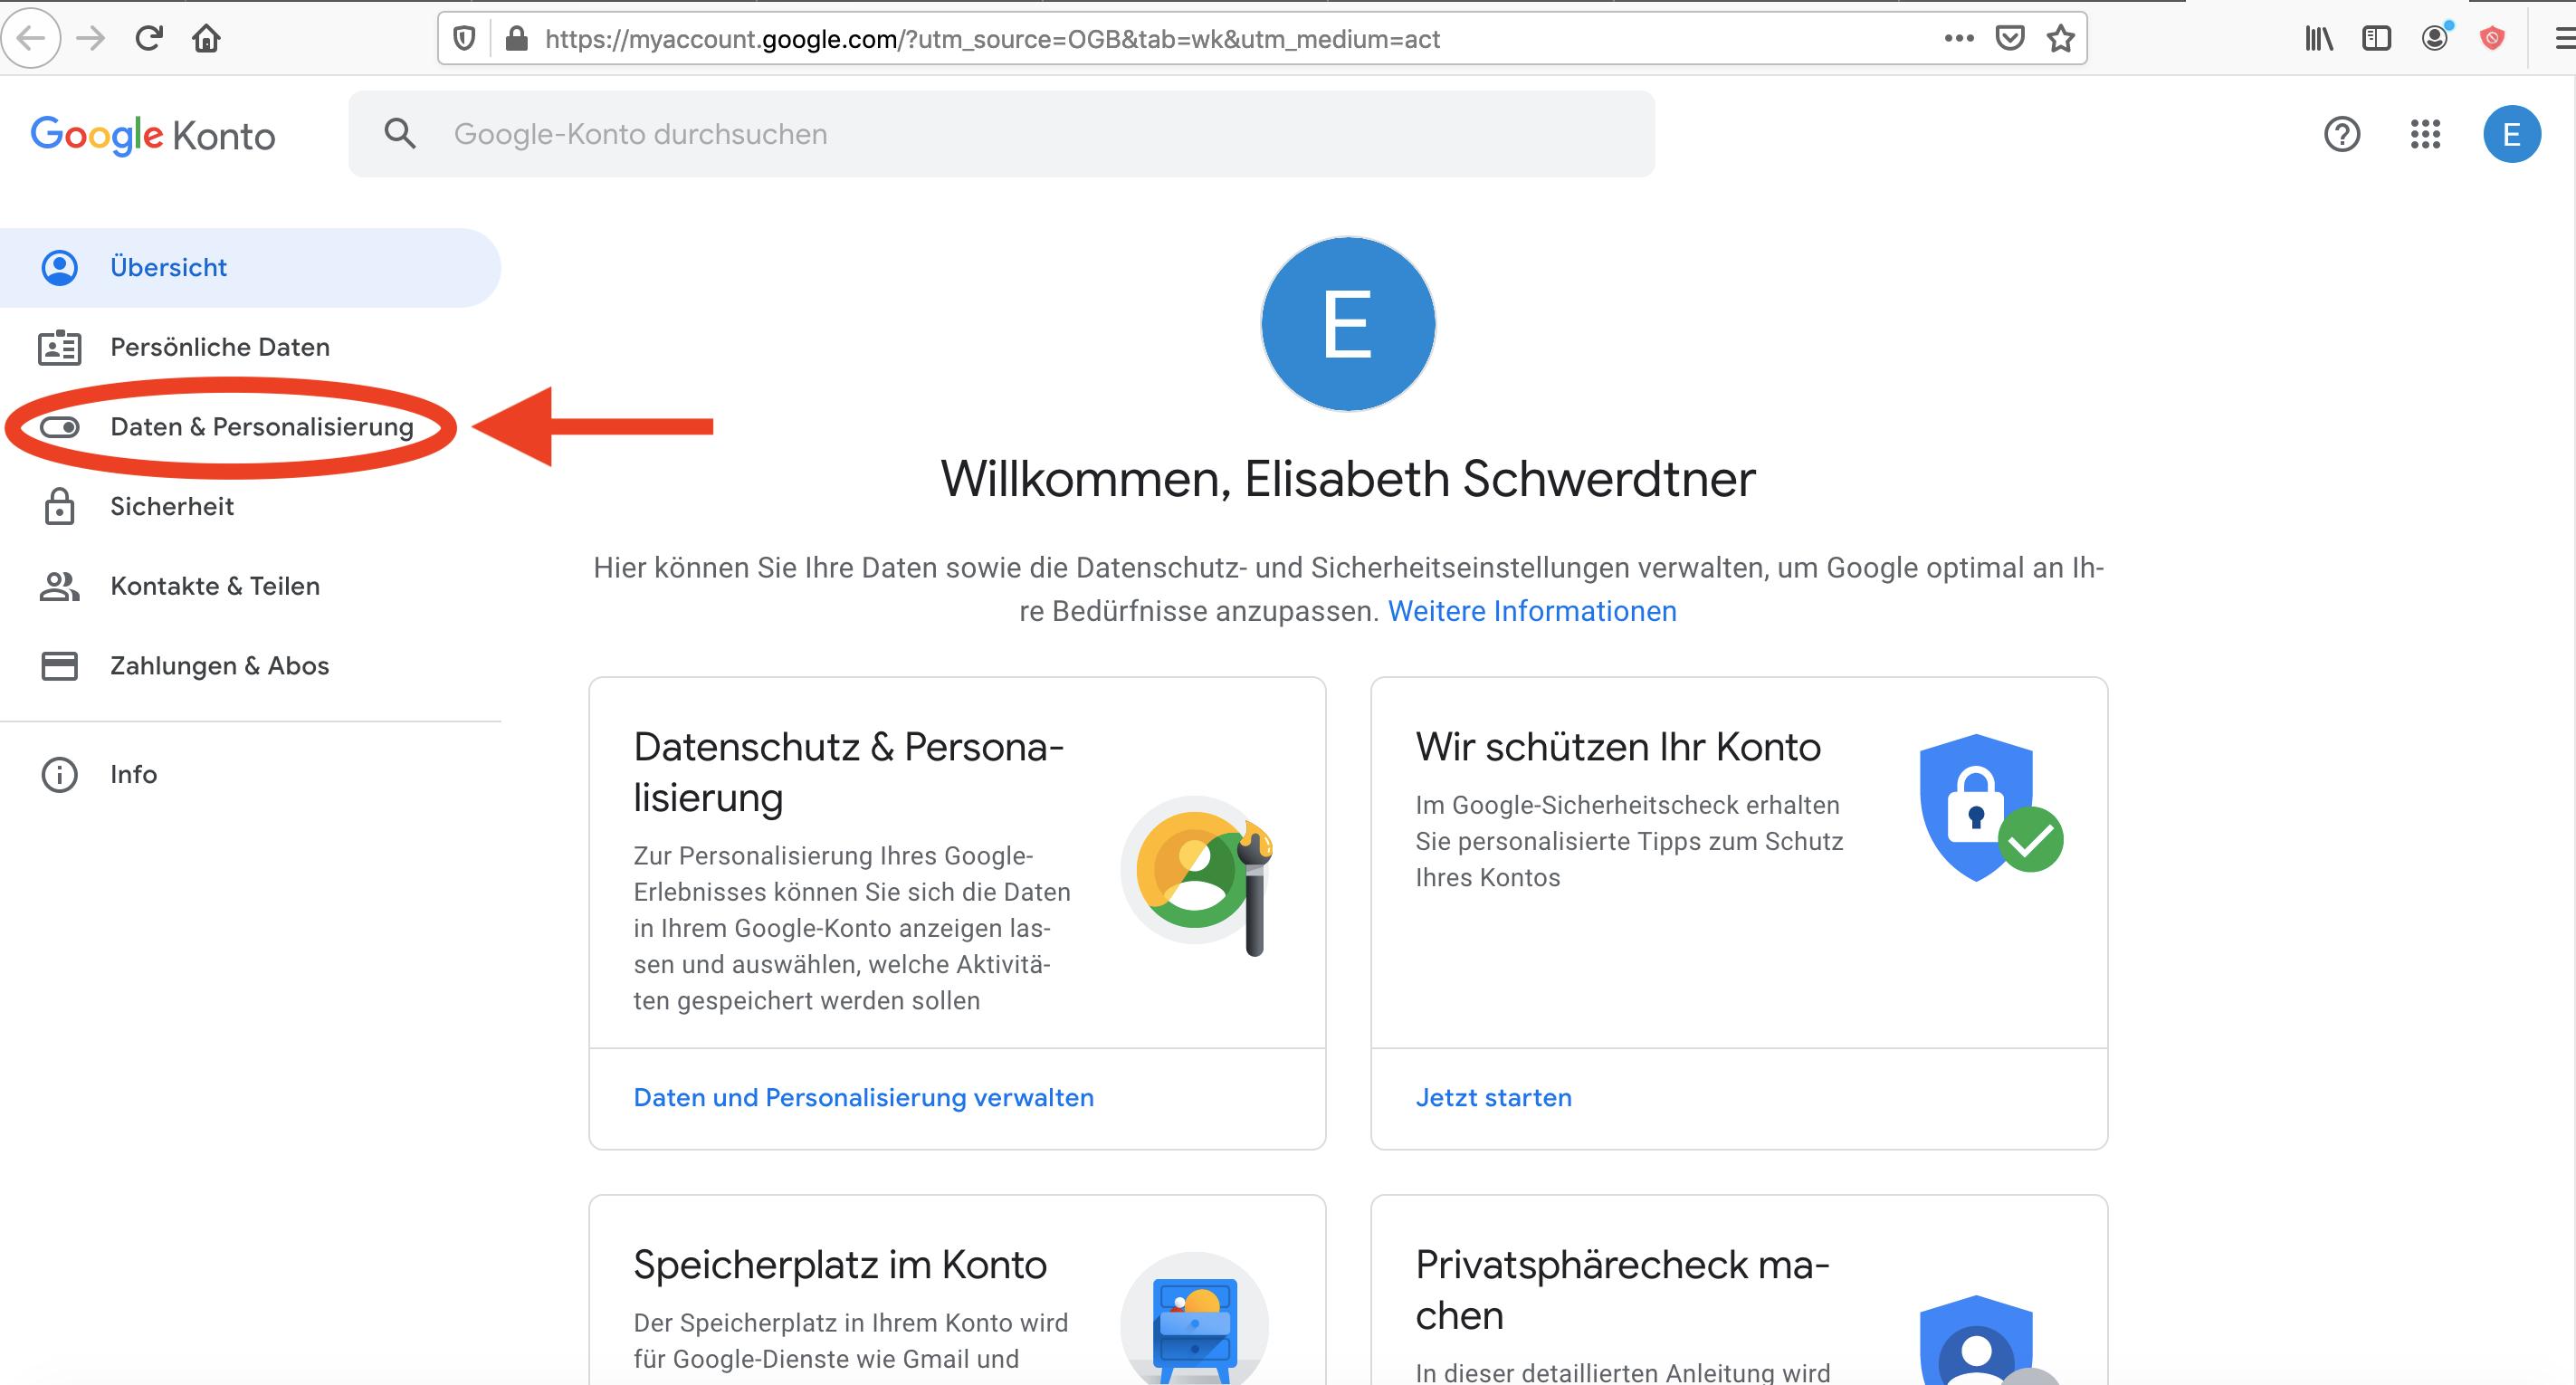 Google Daten und Personalisierung